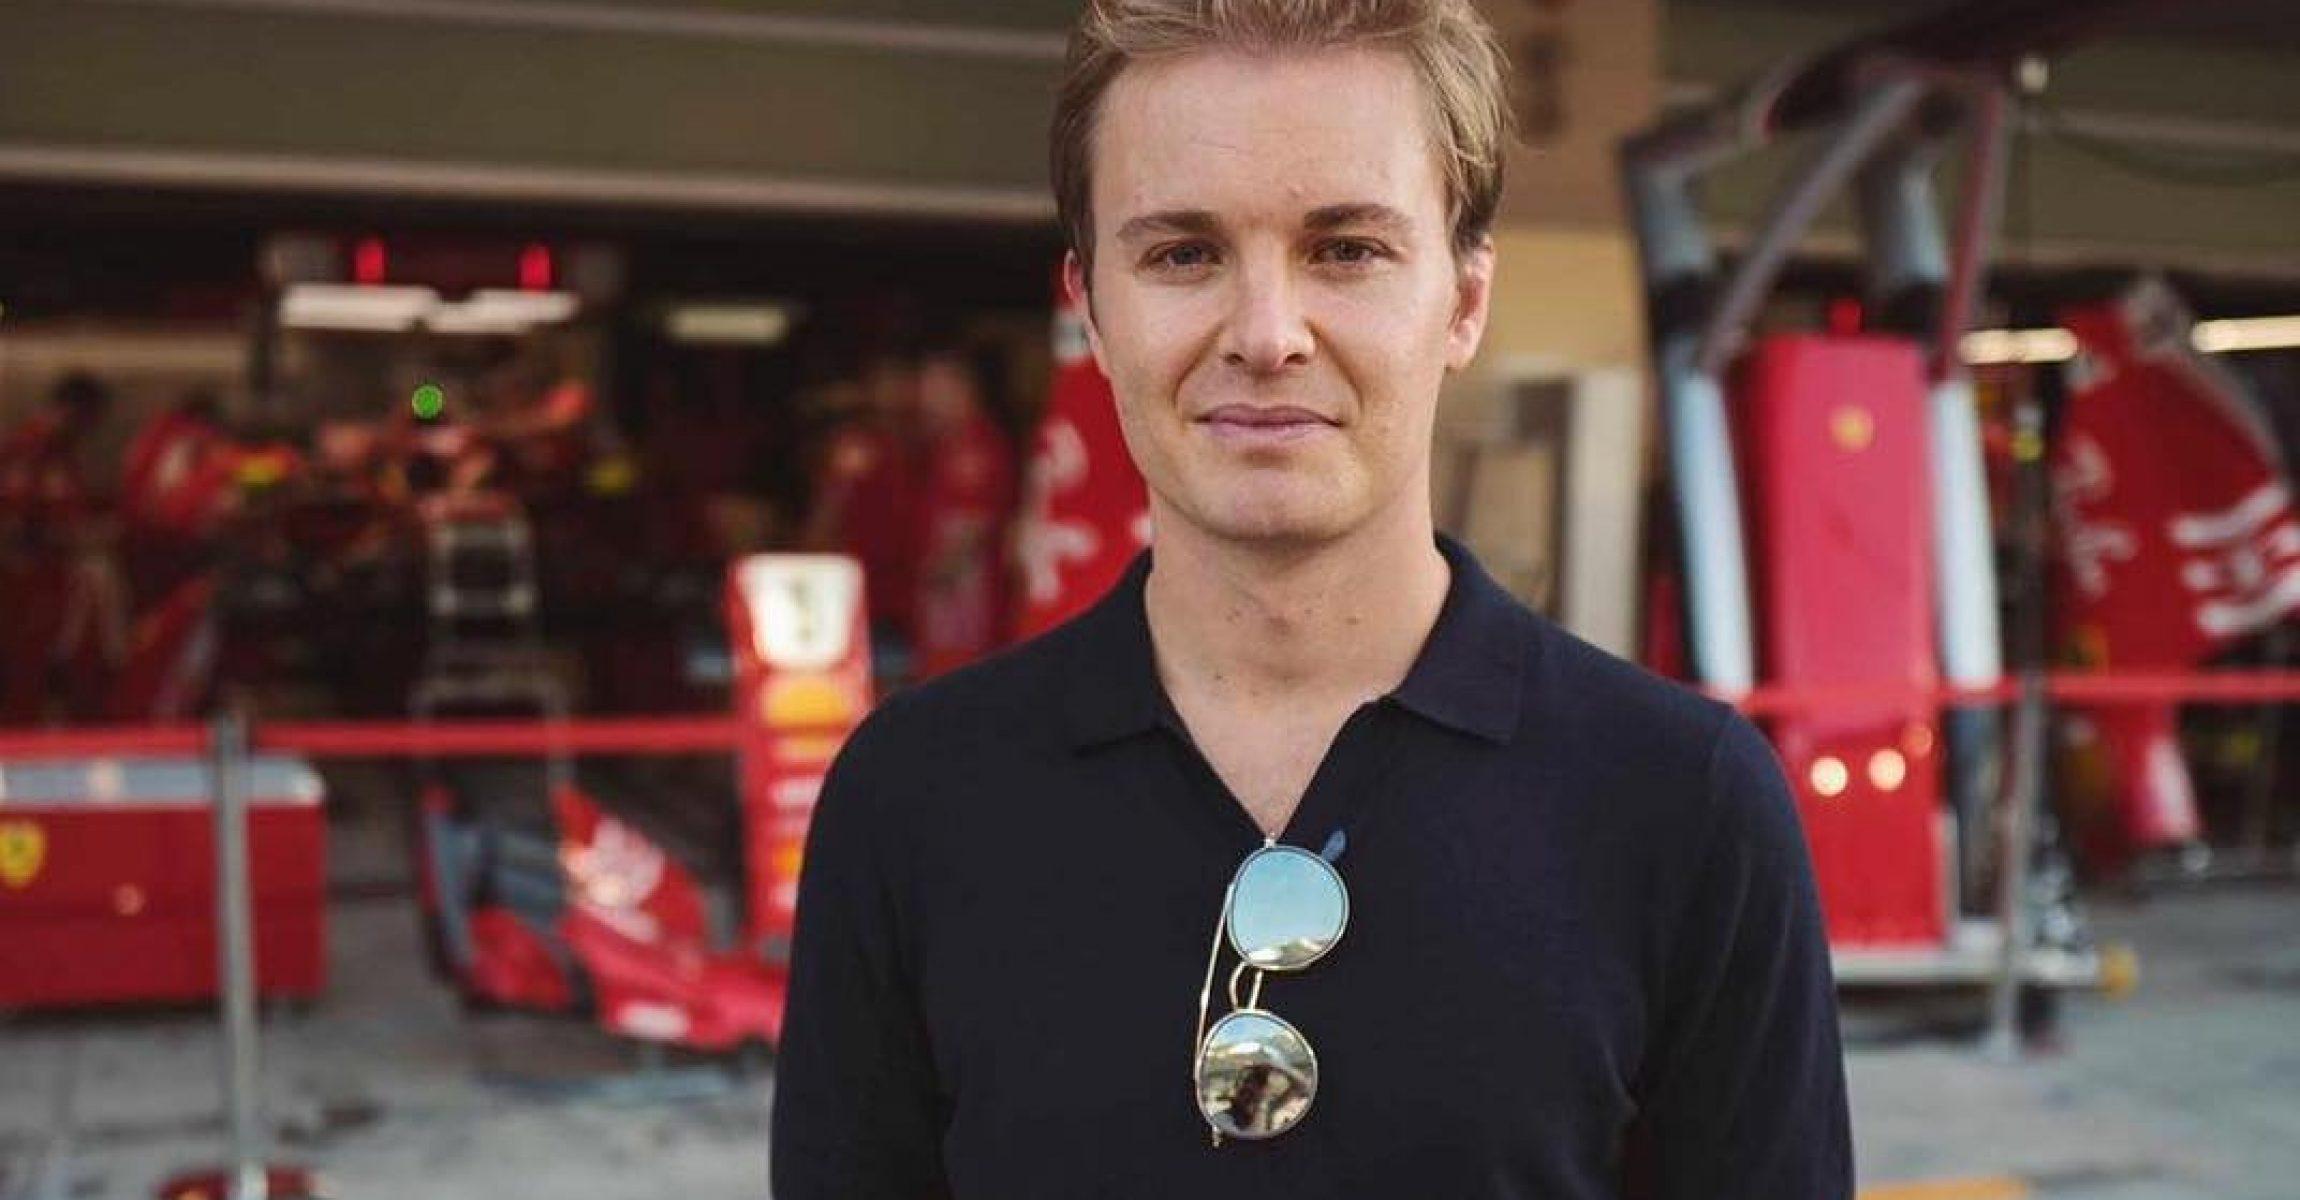 Fotó: Facebook / Nico Rosberg